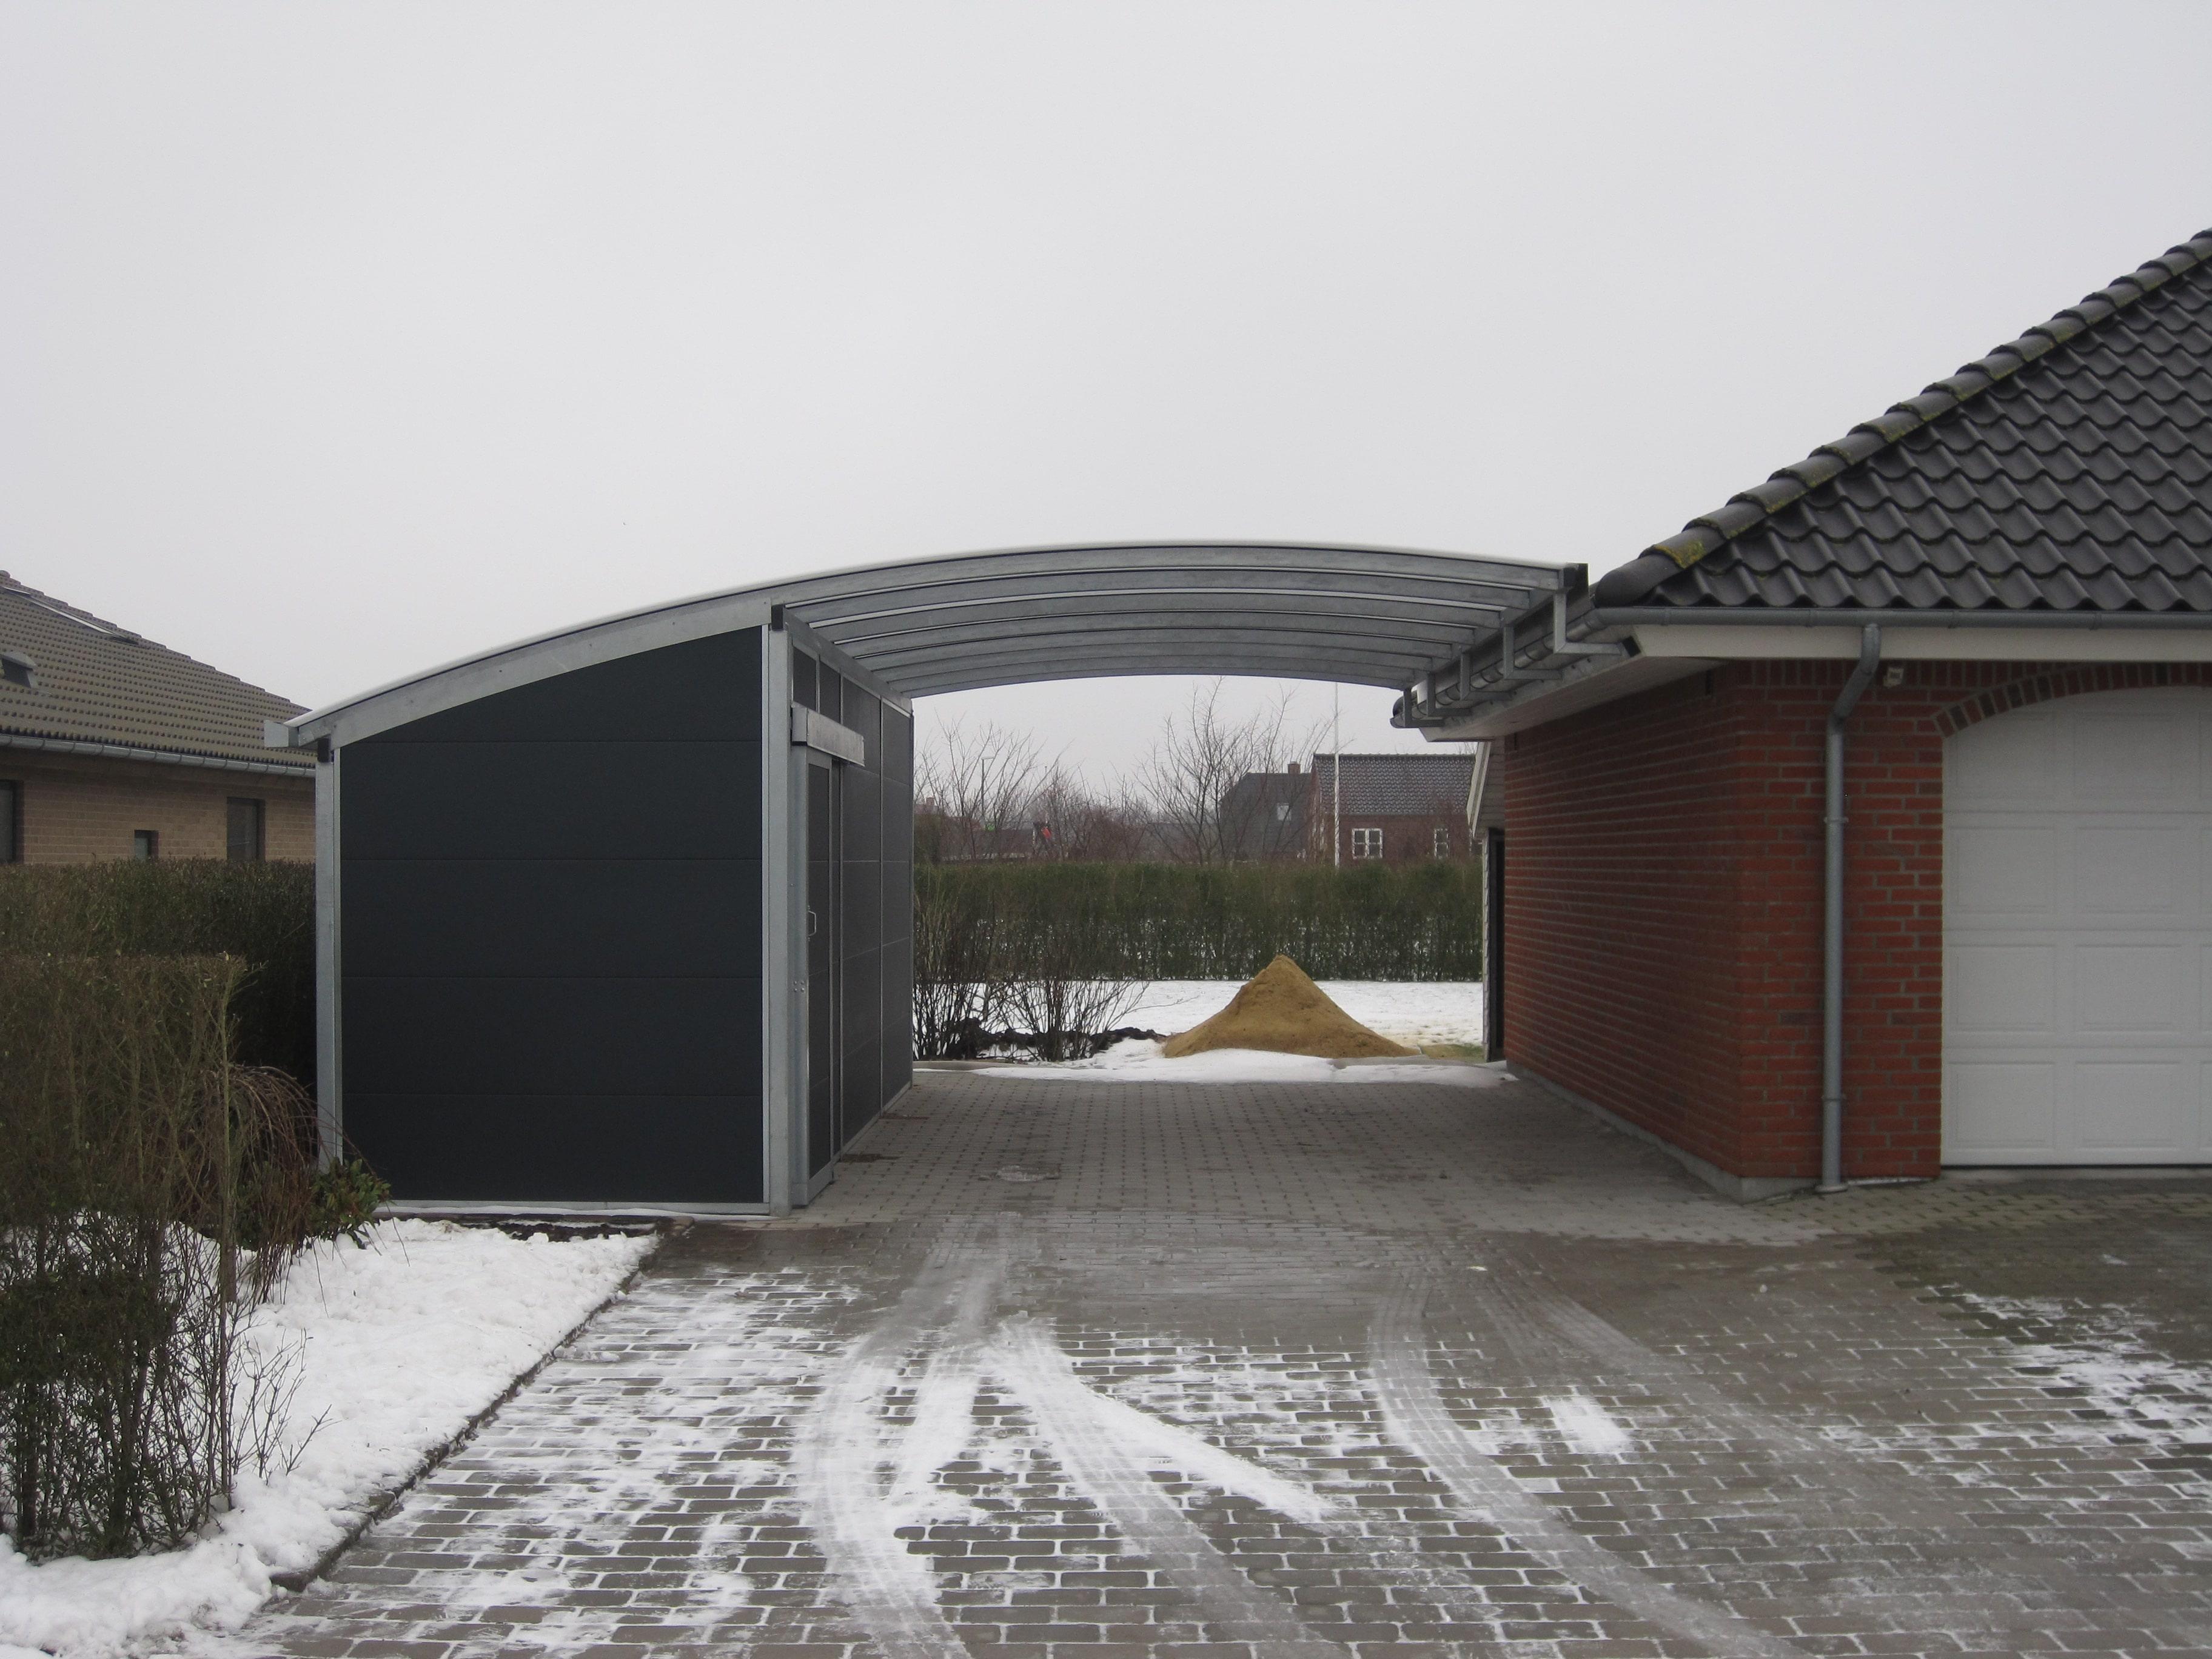 carport_ct2-w-033a